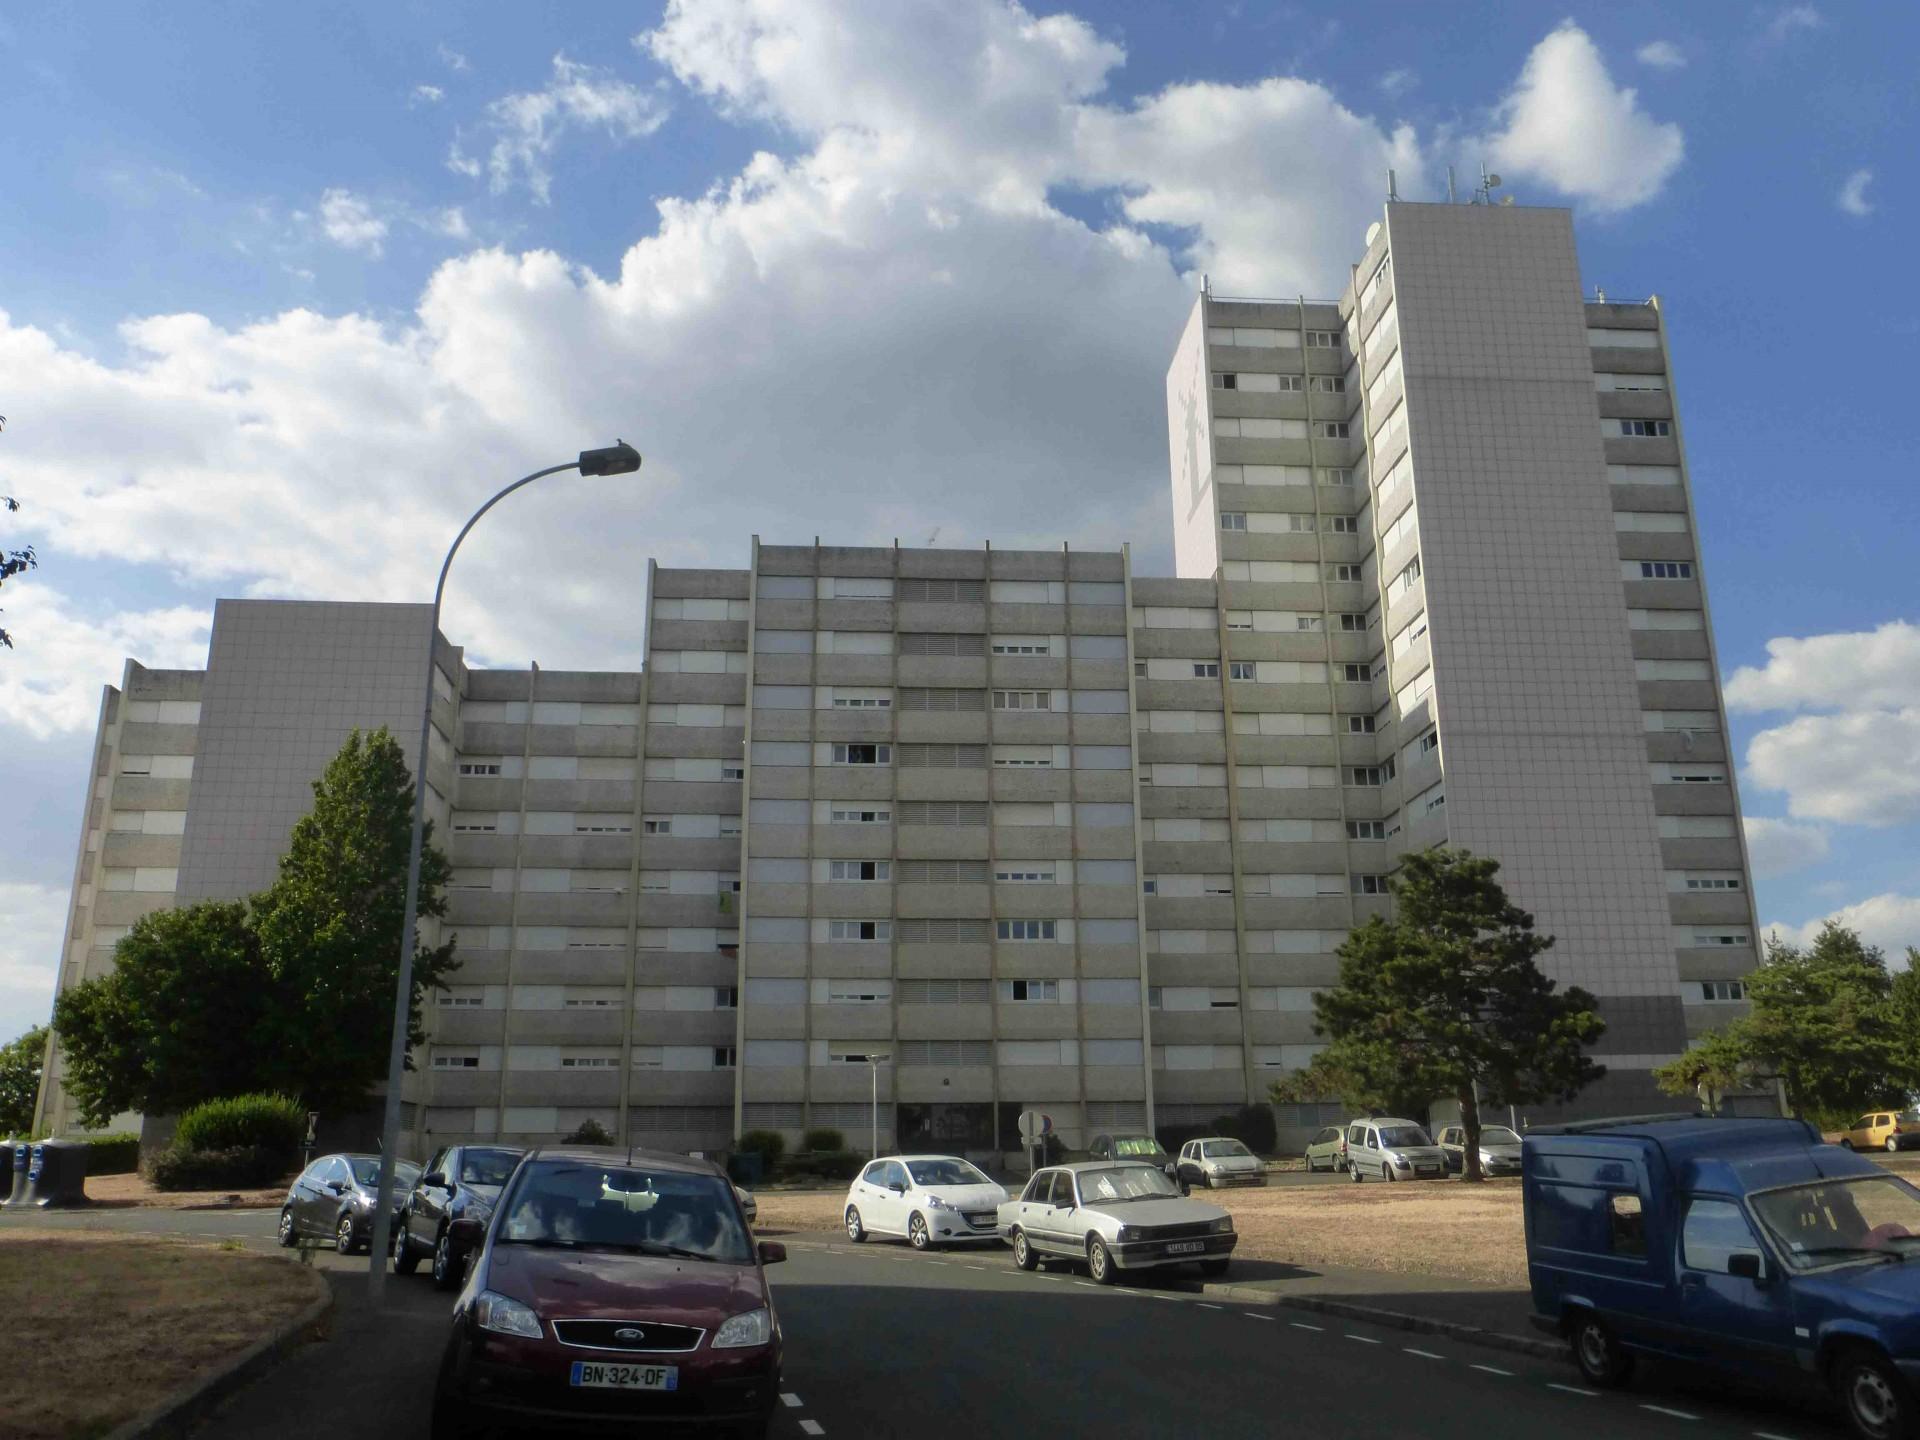 53-TER Etude de recomposition urbaine du quartier Moulins-Liot à Fontenay le Comte